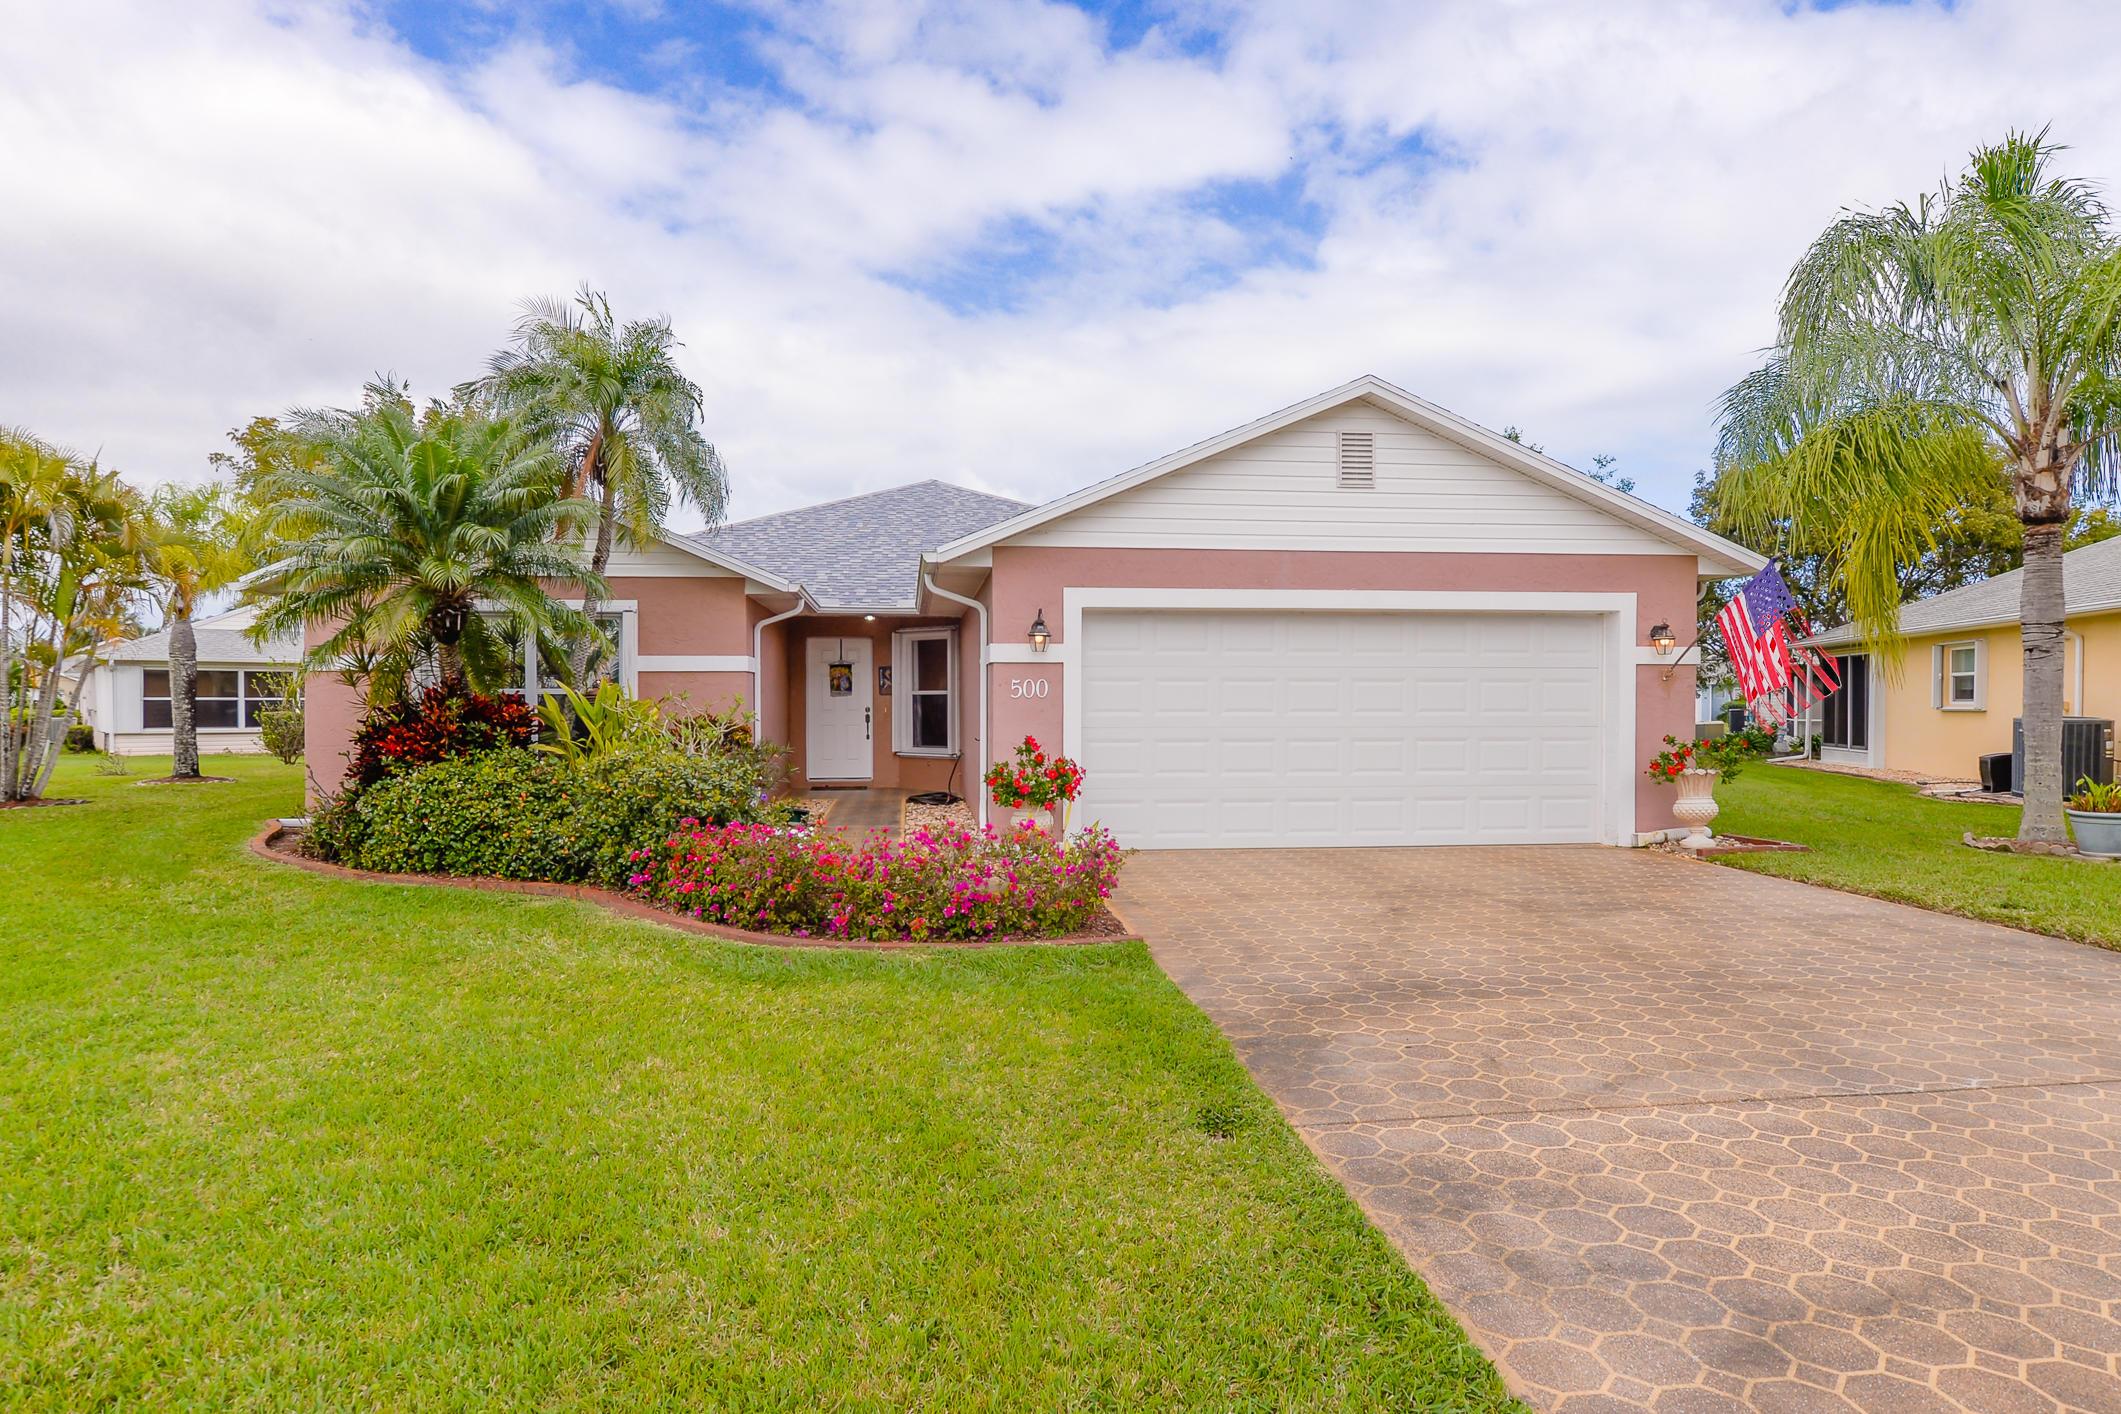 500 Paurotis Lane, Fort Pierce, FL 34982